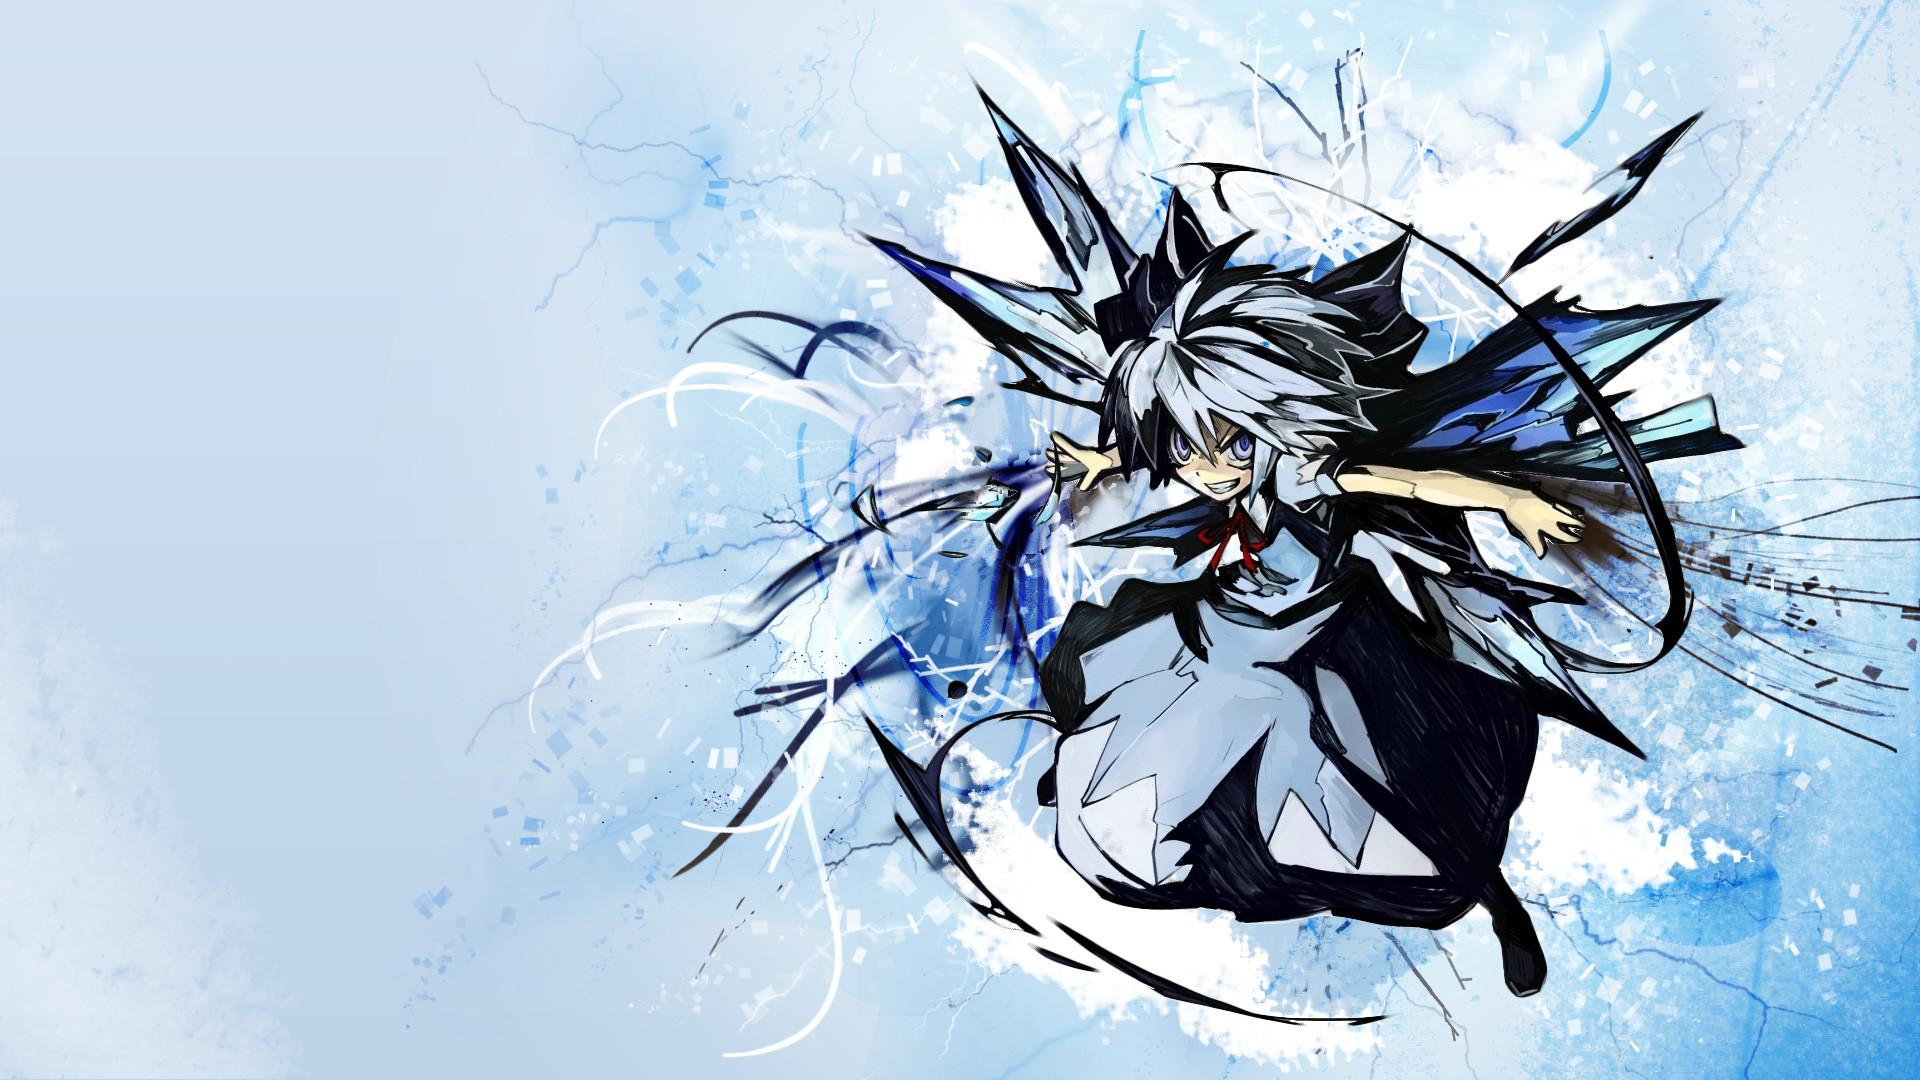 Anime – Touhou White Hair Cirno (Touhou) Anime Grey Eyes Video Game  Wallpaper